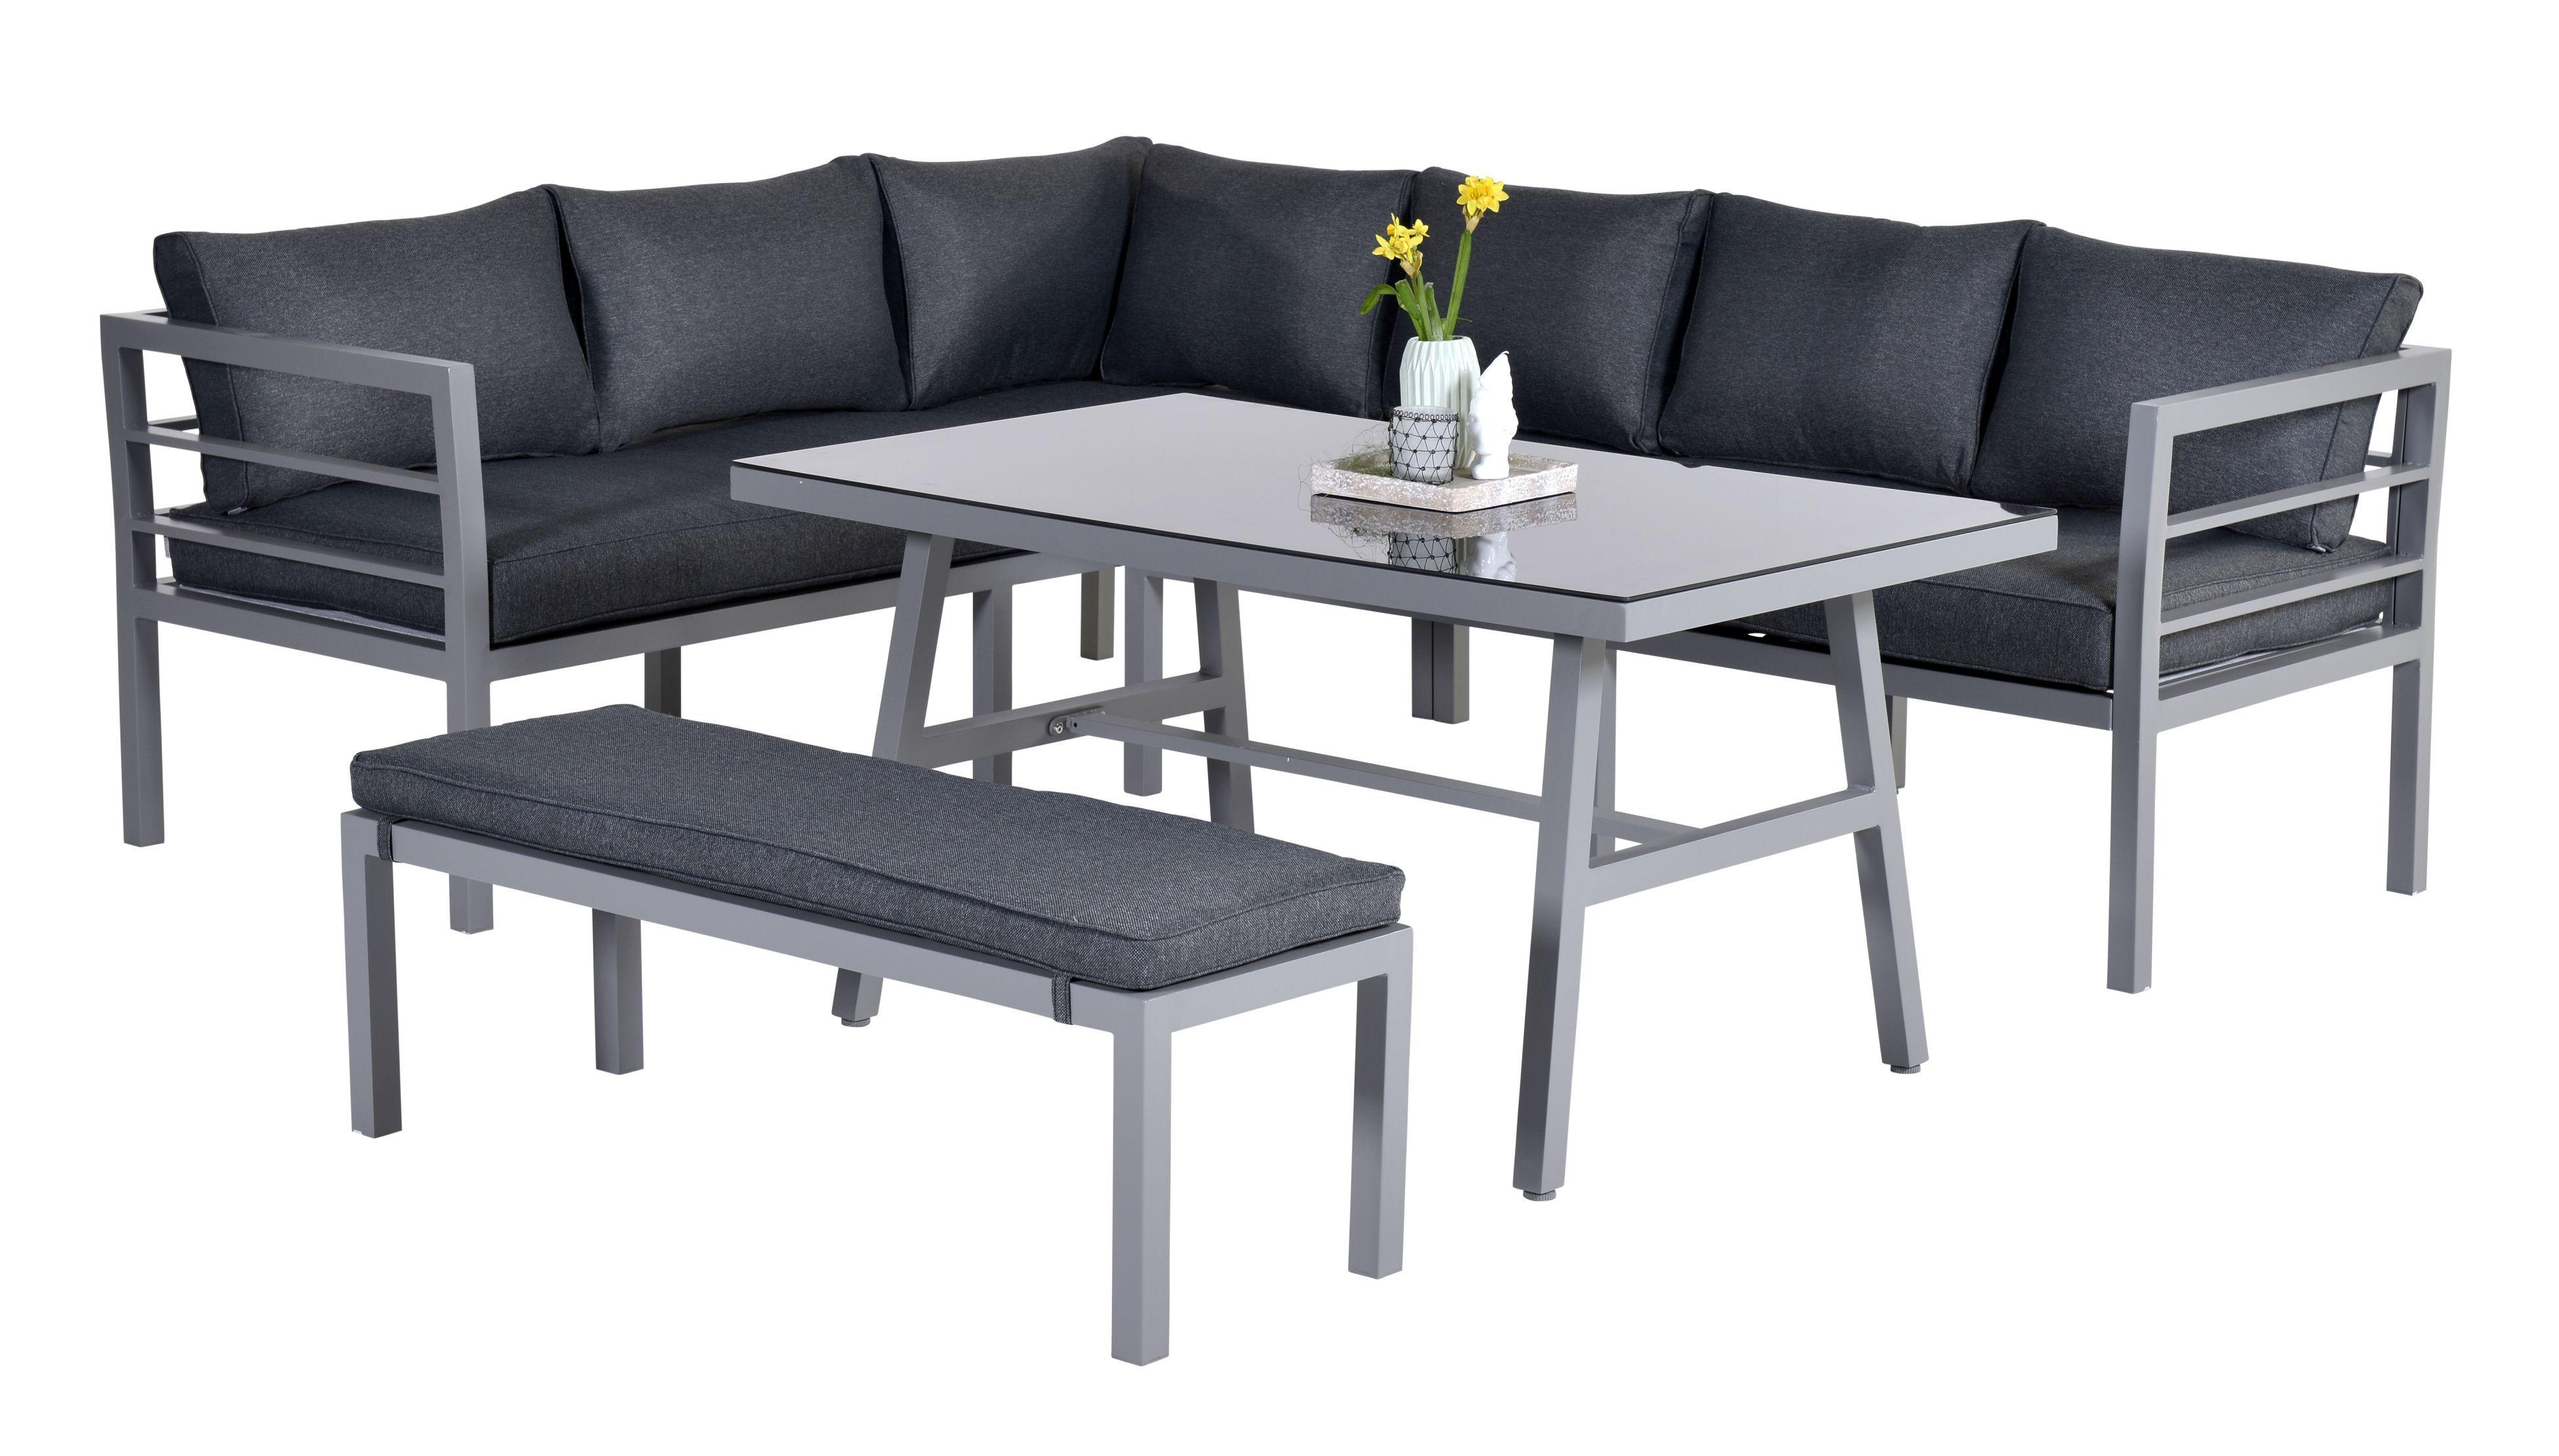 Achtung Lieferzeit Aktuell Ca 5 Wochen Wir Erwarten Den Wareneingang In Der Ersten Maiwoche Aluminium Eck Lounge Mobel Lounge Gartenmobel Sitzgruppe